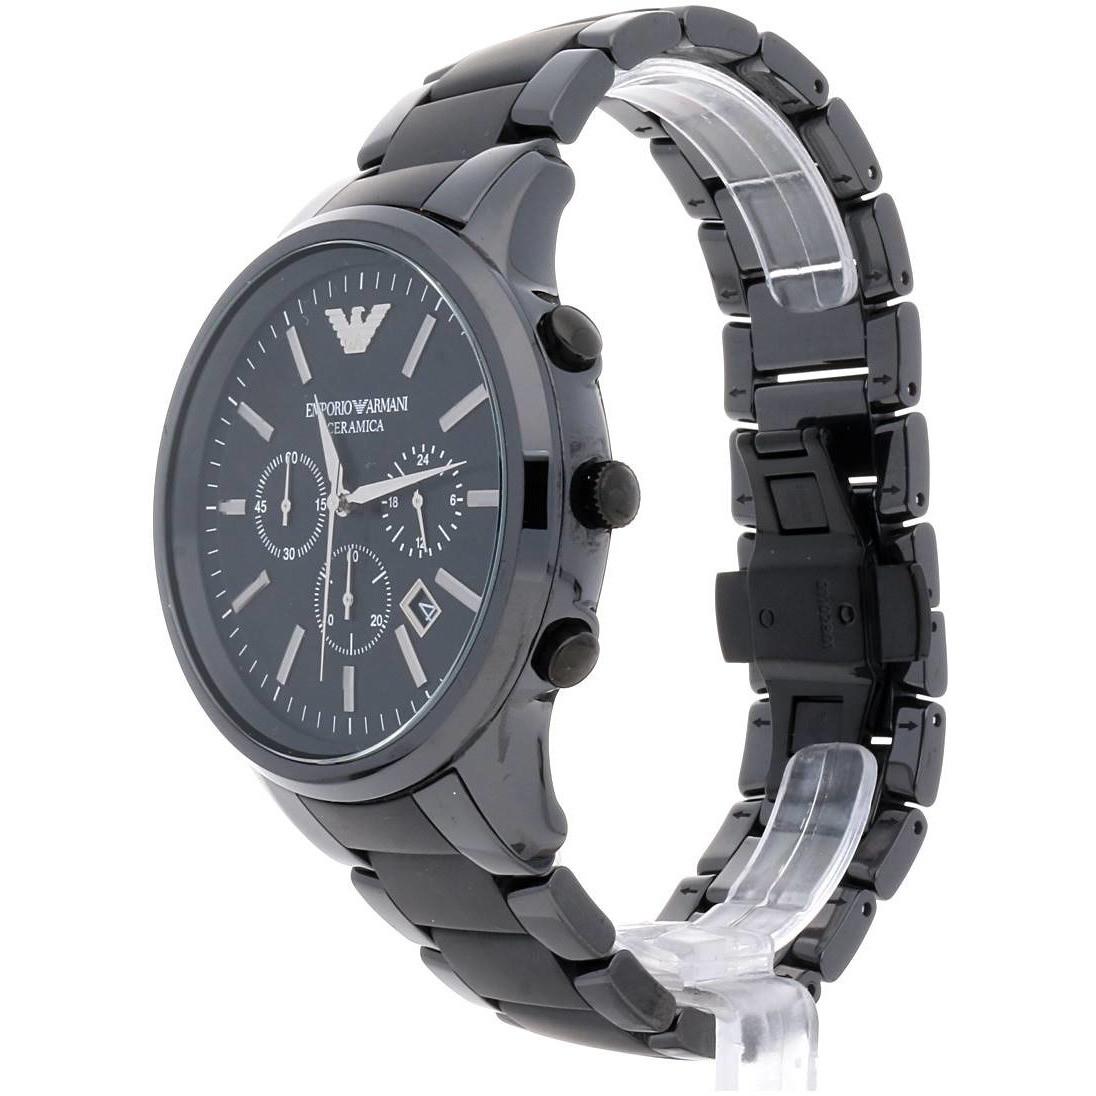 cheap entire collection order watch chronograph man Emporio Armani AR1451